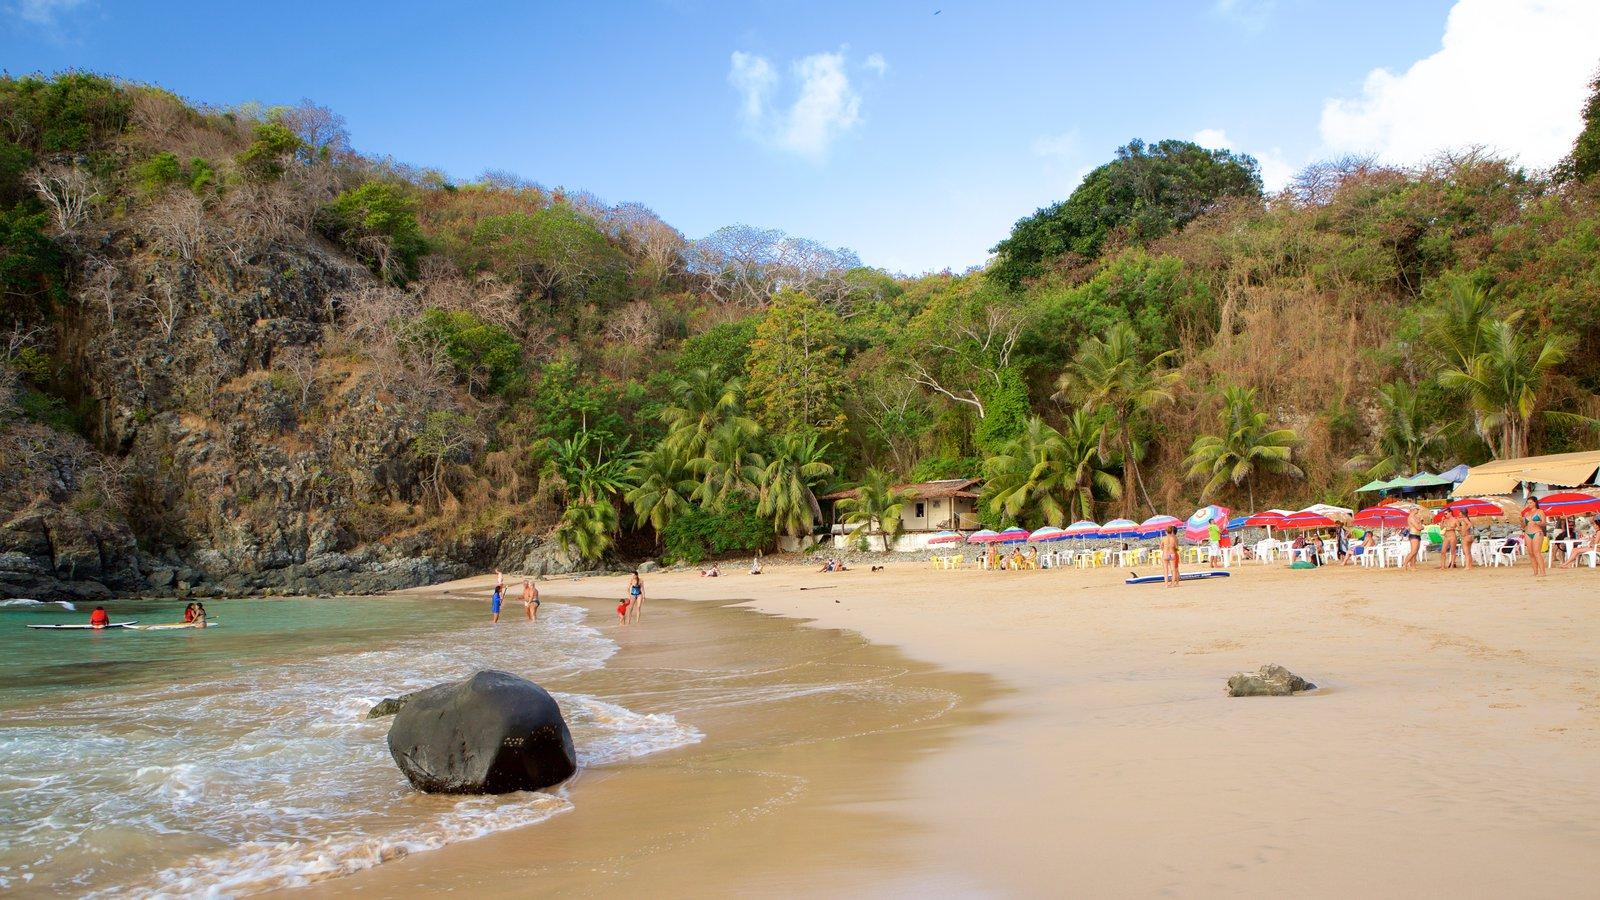 Praia do Cachorro mostrando uma praia, montanhas e paisagens litorâneas